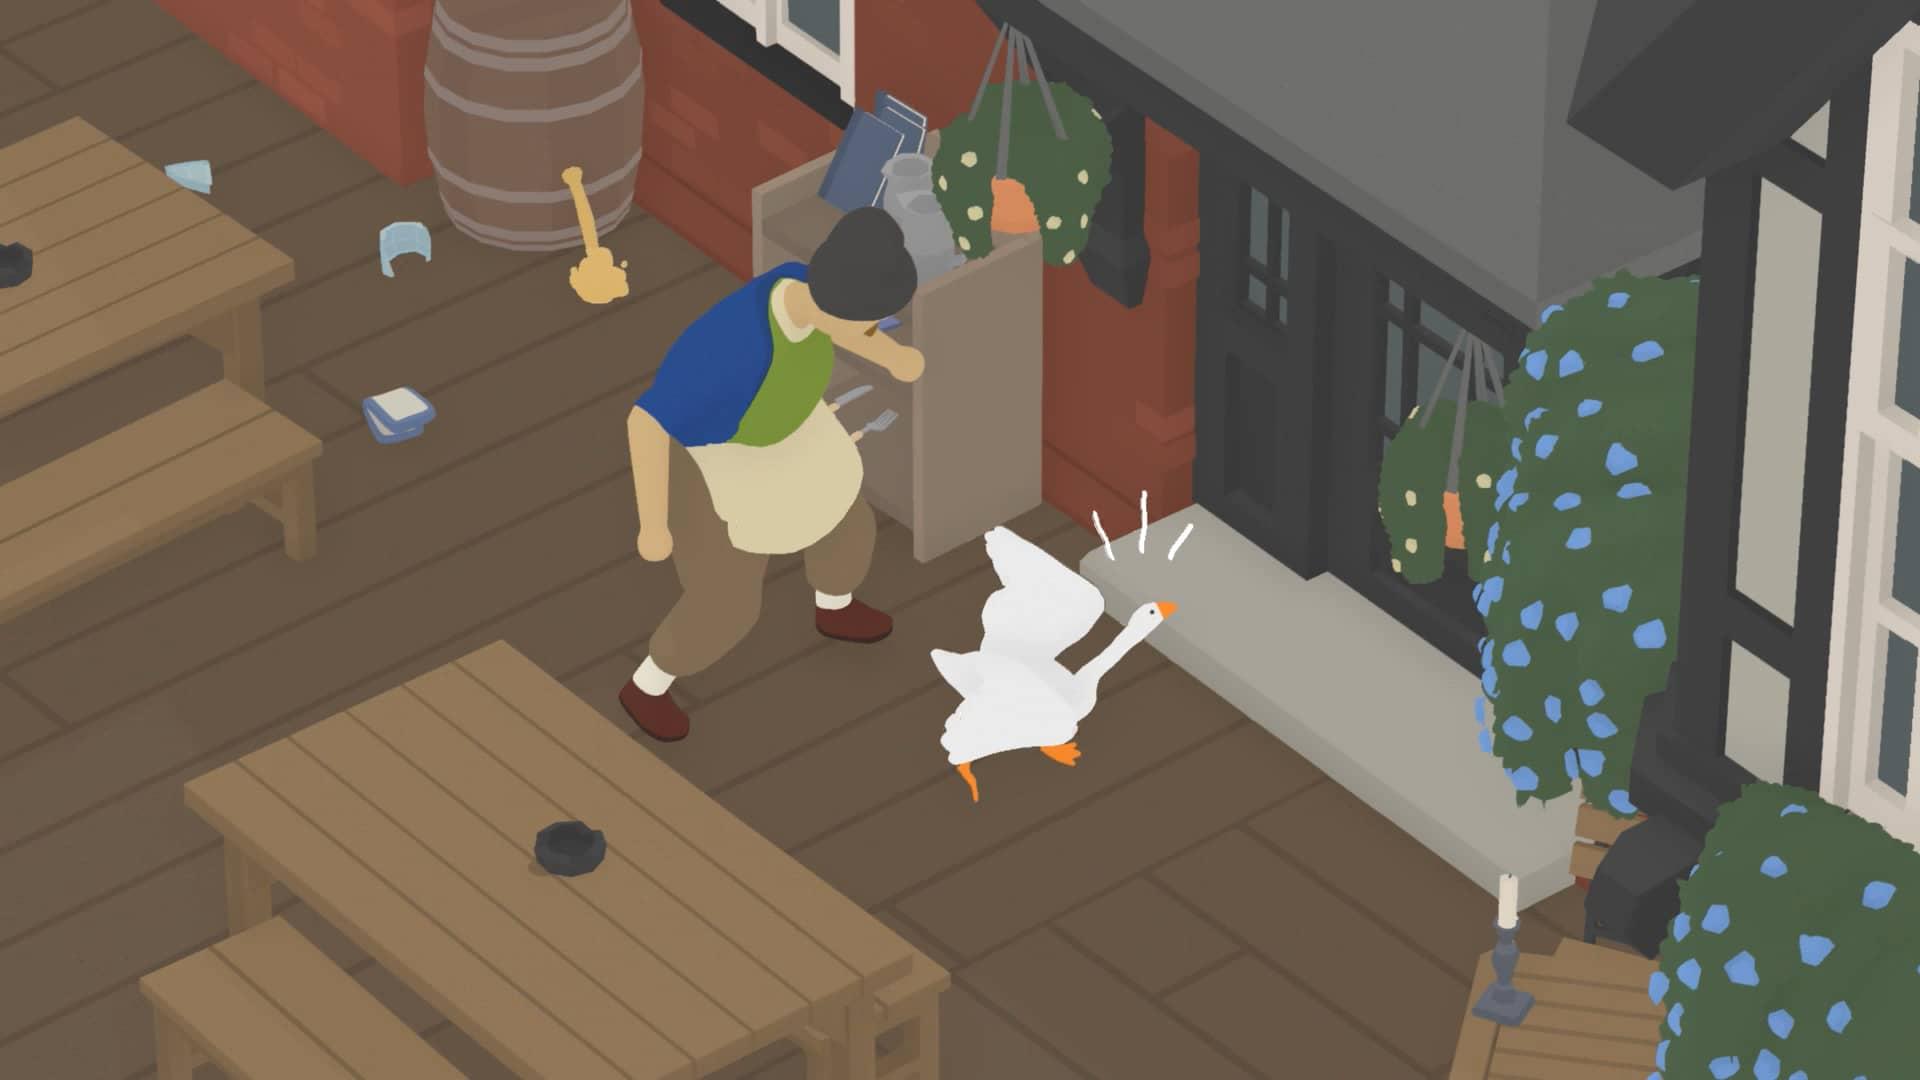 Untitled Goose Game - Hospoda